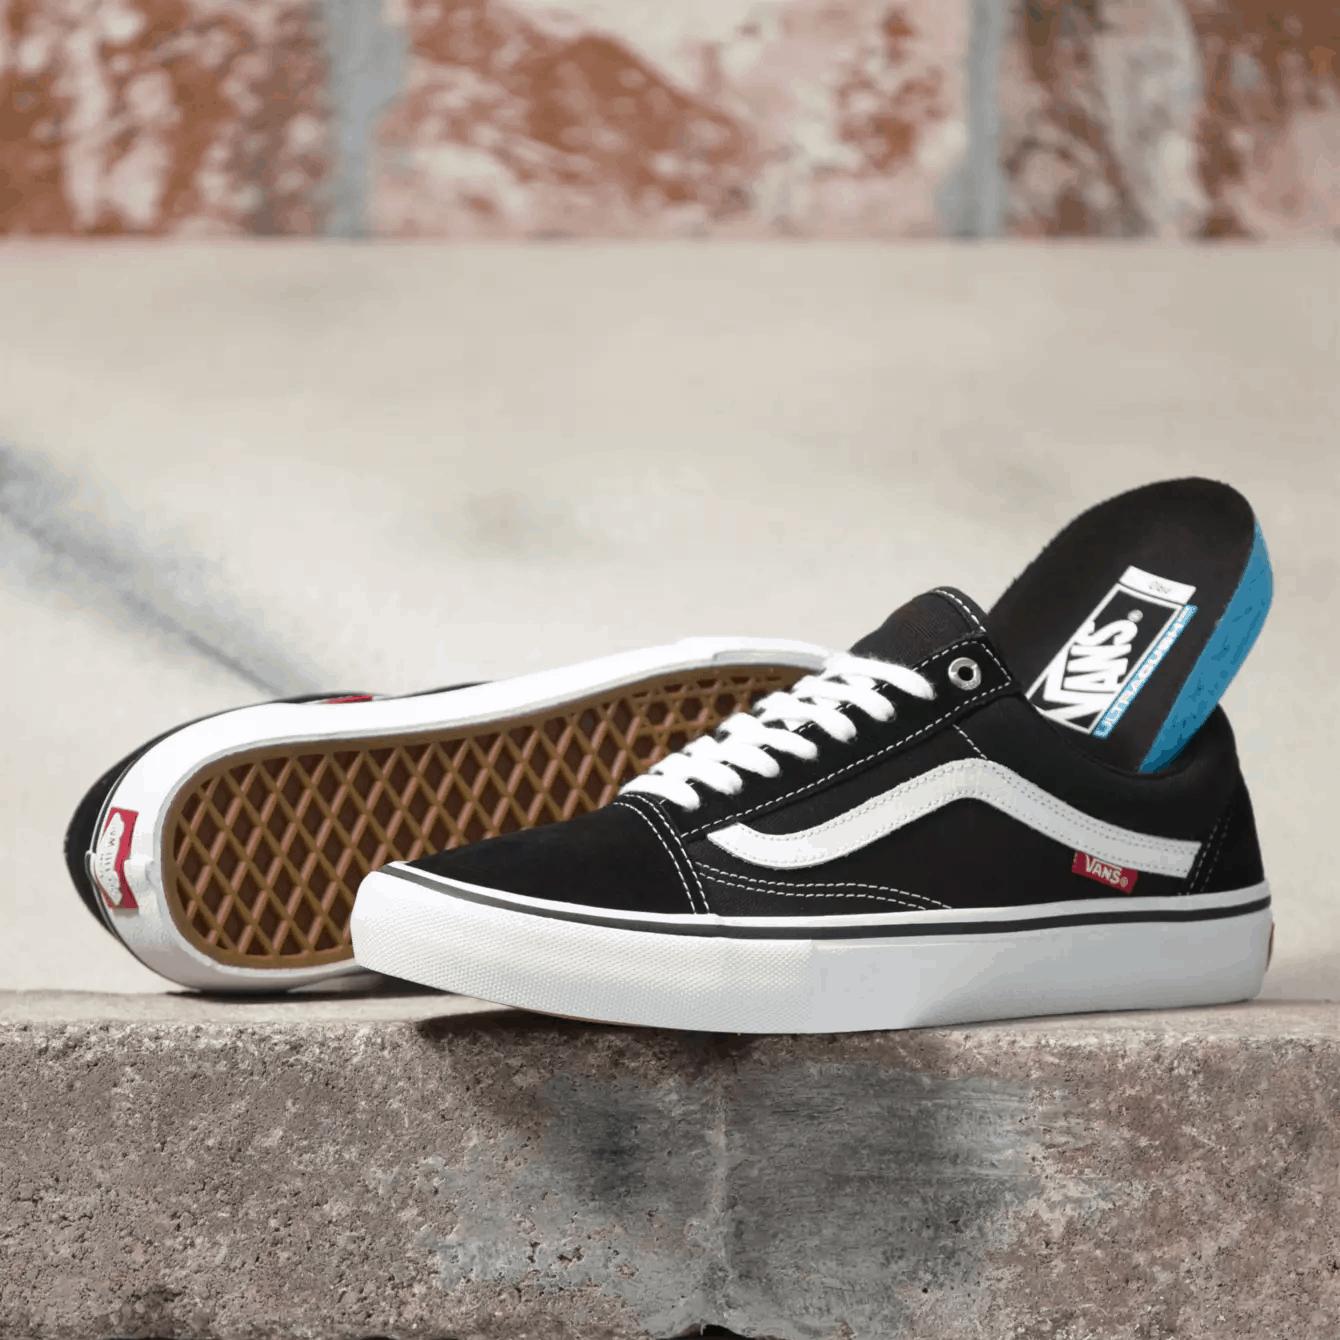 Sepatu Vans Old Skool Pro sepatu vans - 16 Jenis Sepatu Vans Terbaik yang Wajib Kamu Ketahui